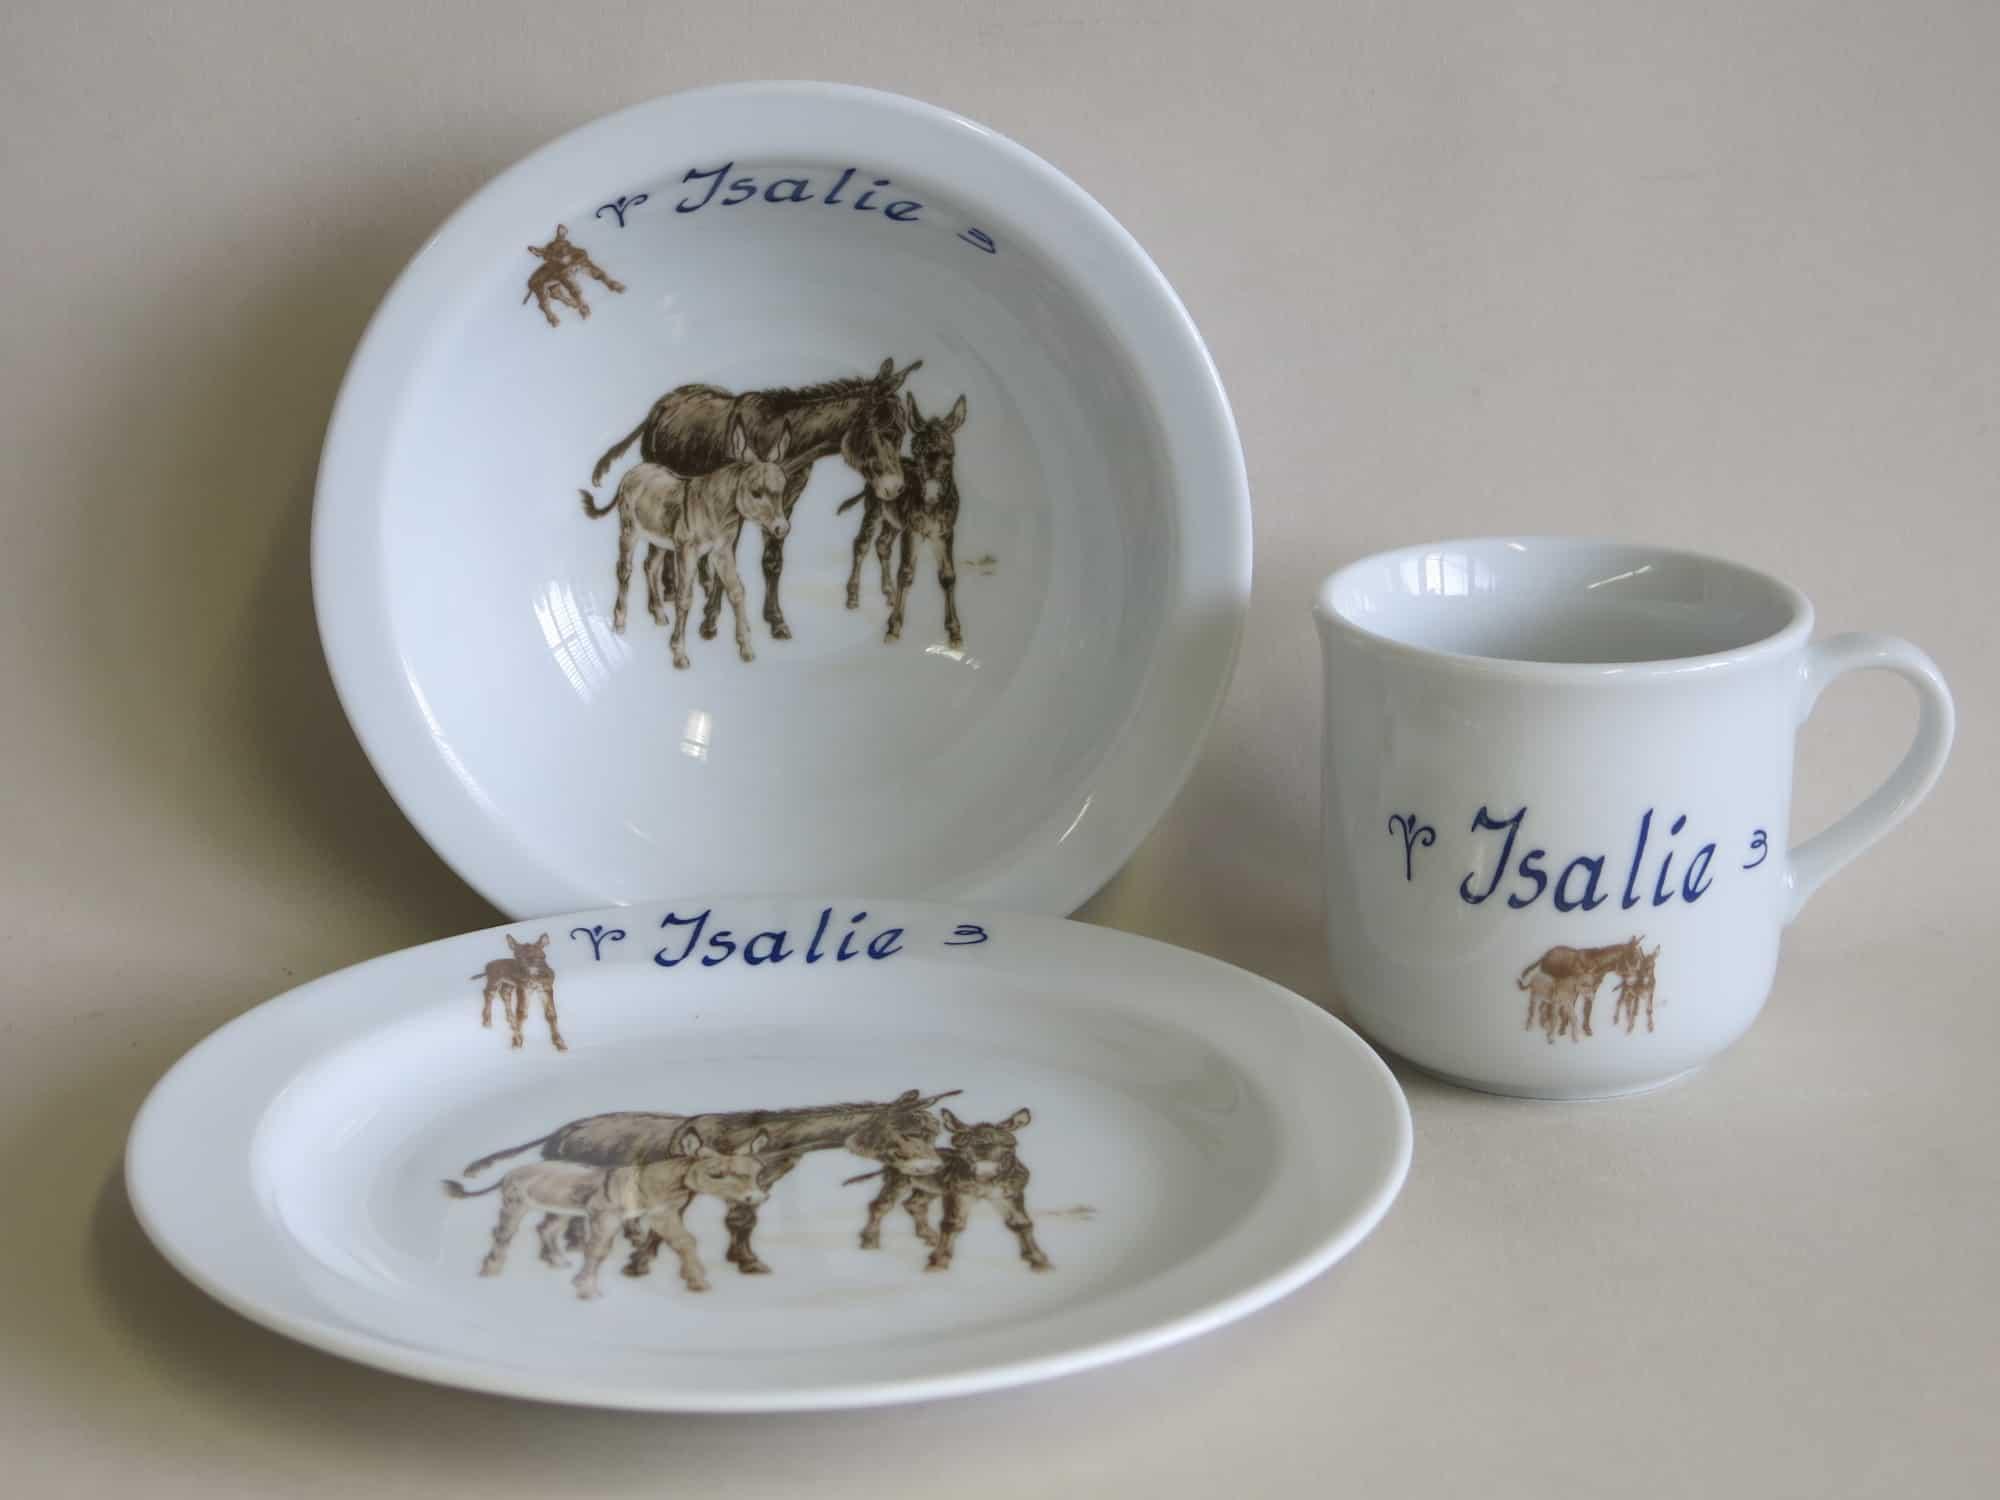 Kindergeschirr Porzellan Set kleiner Becher 230ml, Müslischüssel 16cm und flacher Teller 19cm mit Esel und Namen